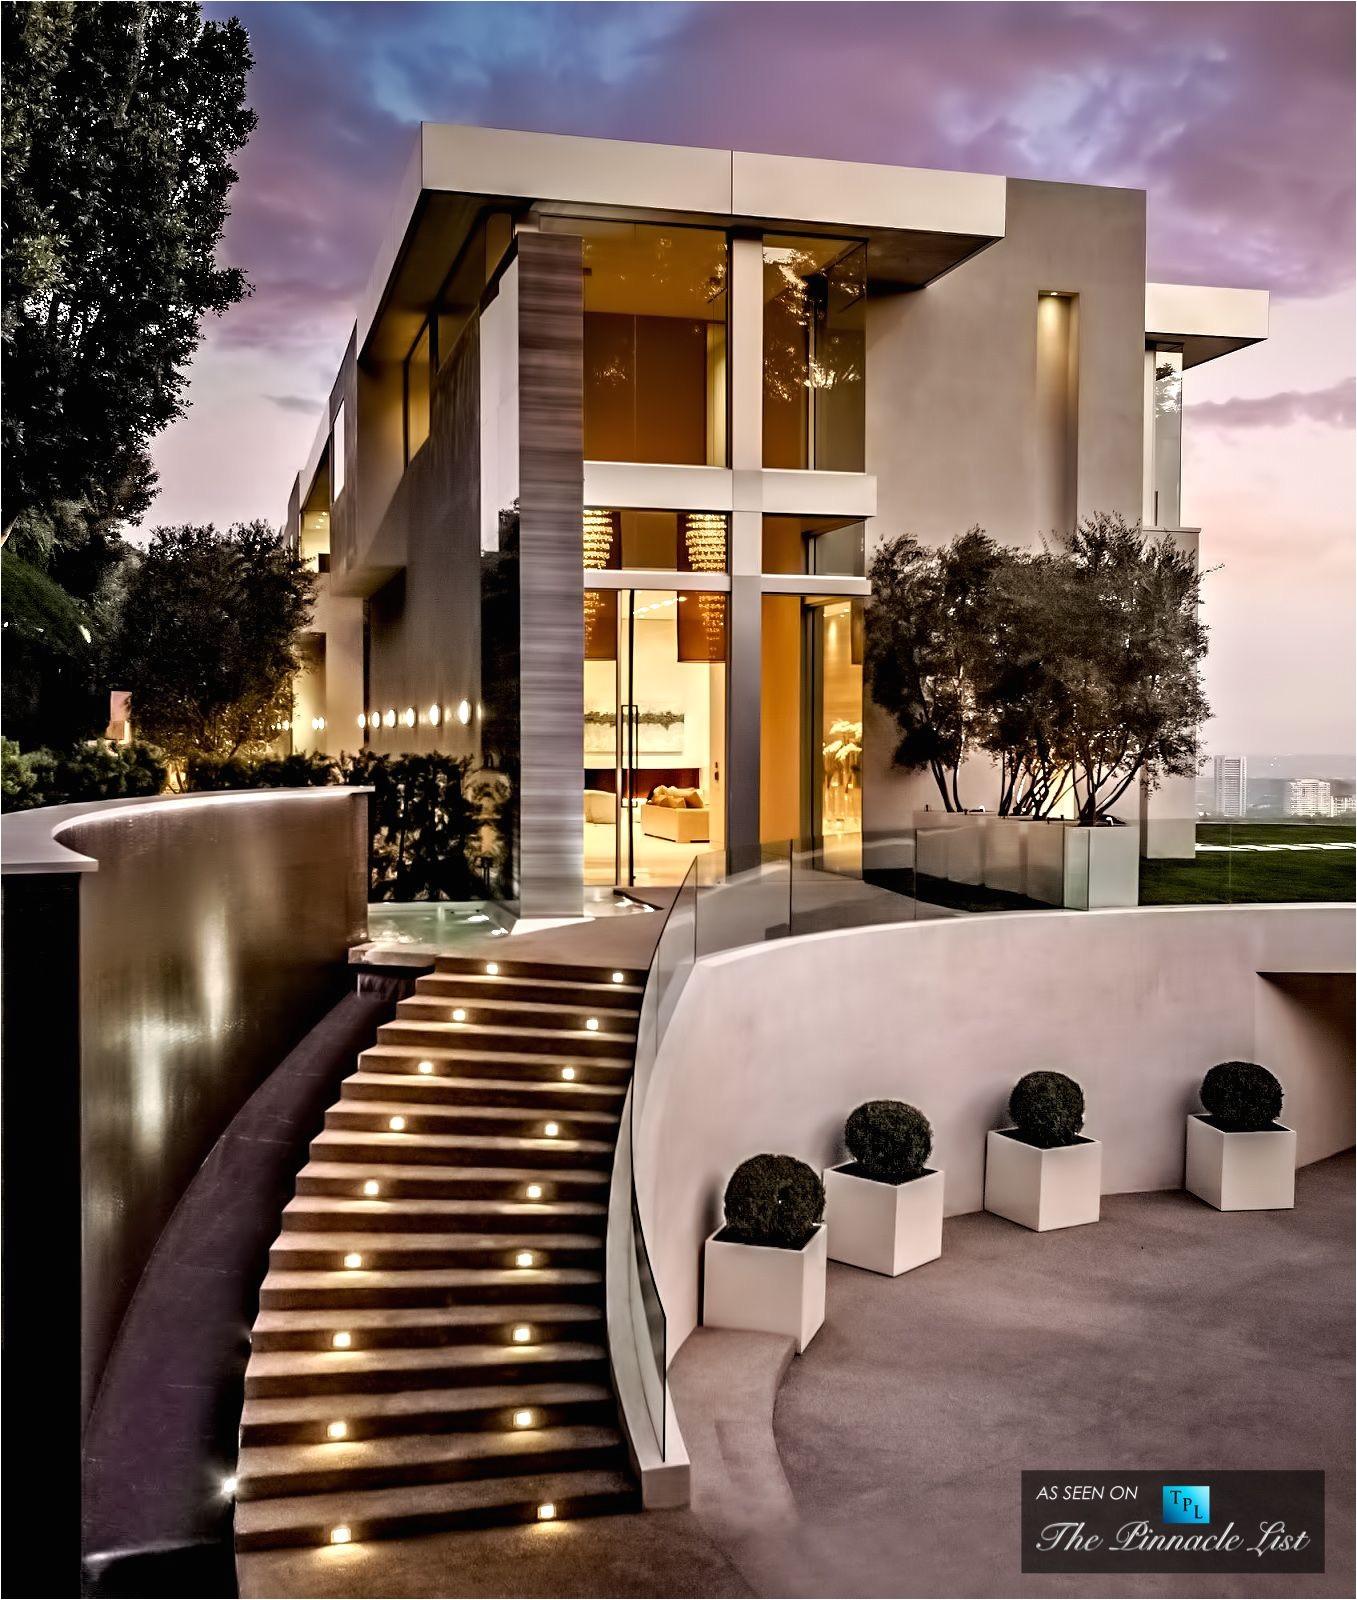 24 5 million bel air residence 755 sarbonne rd los angeles ca